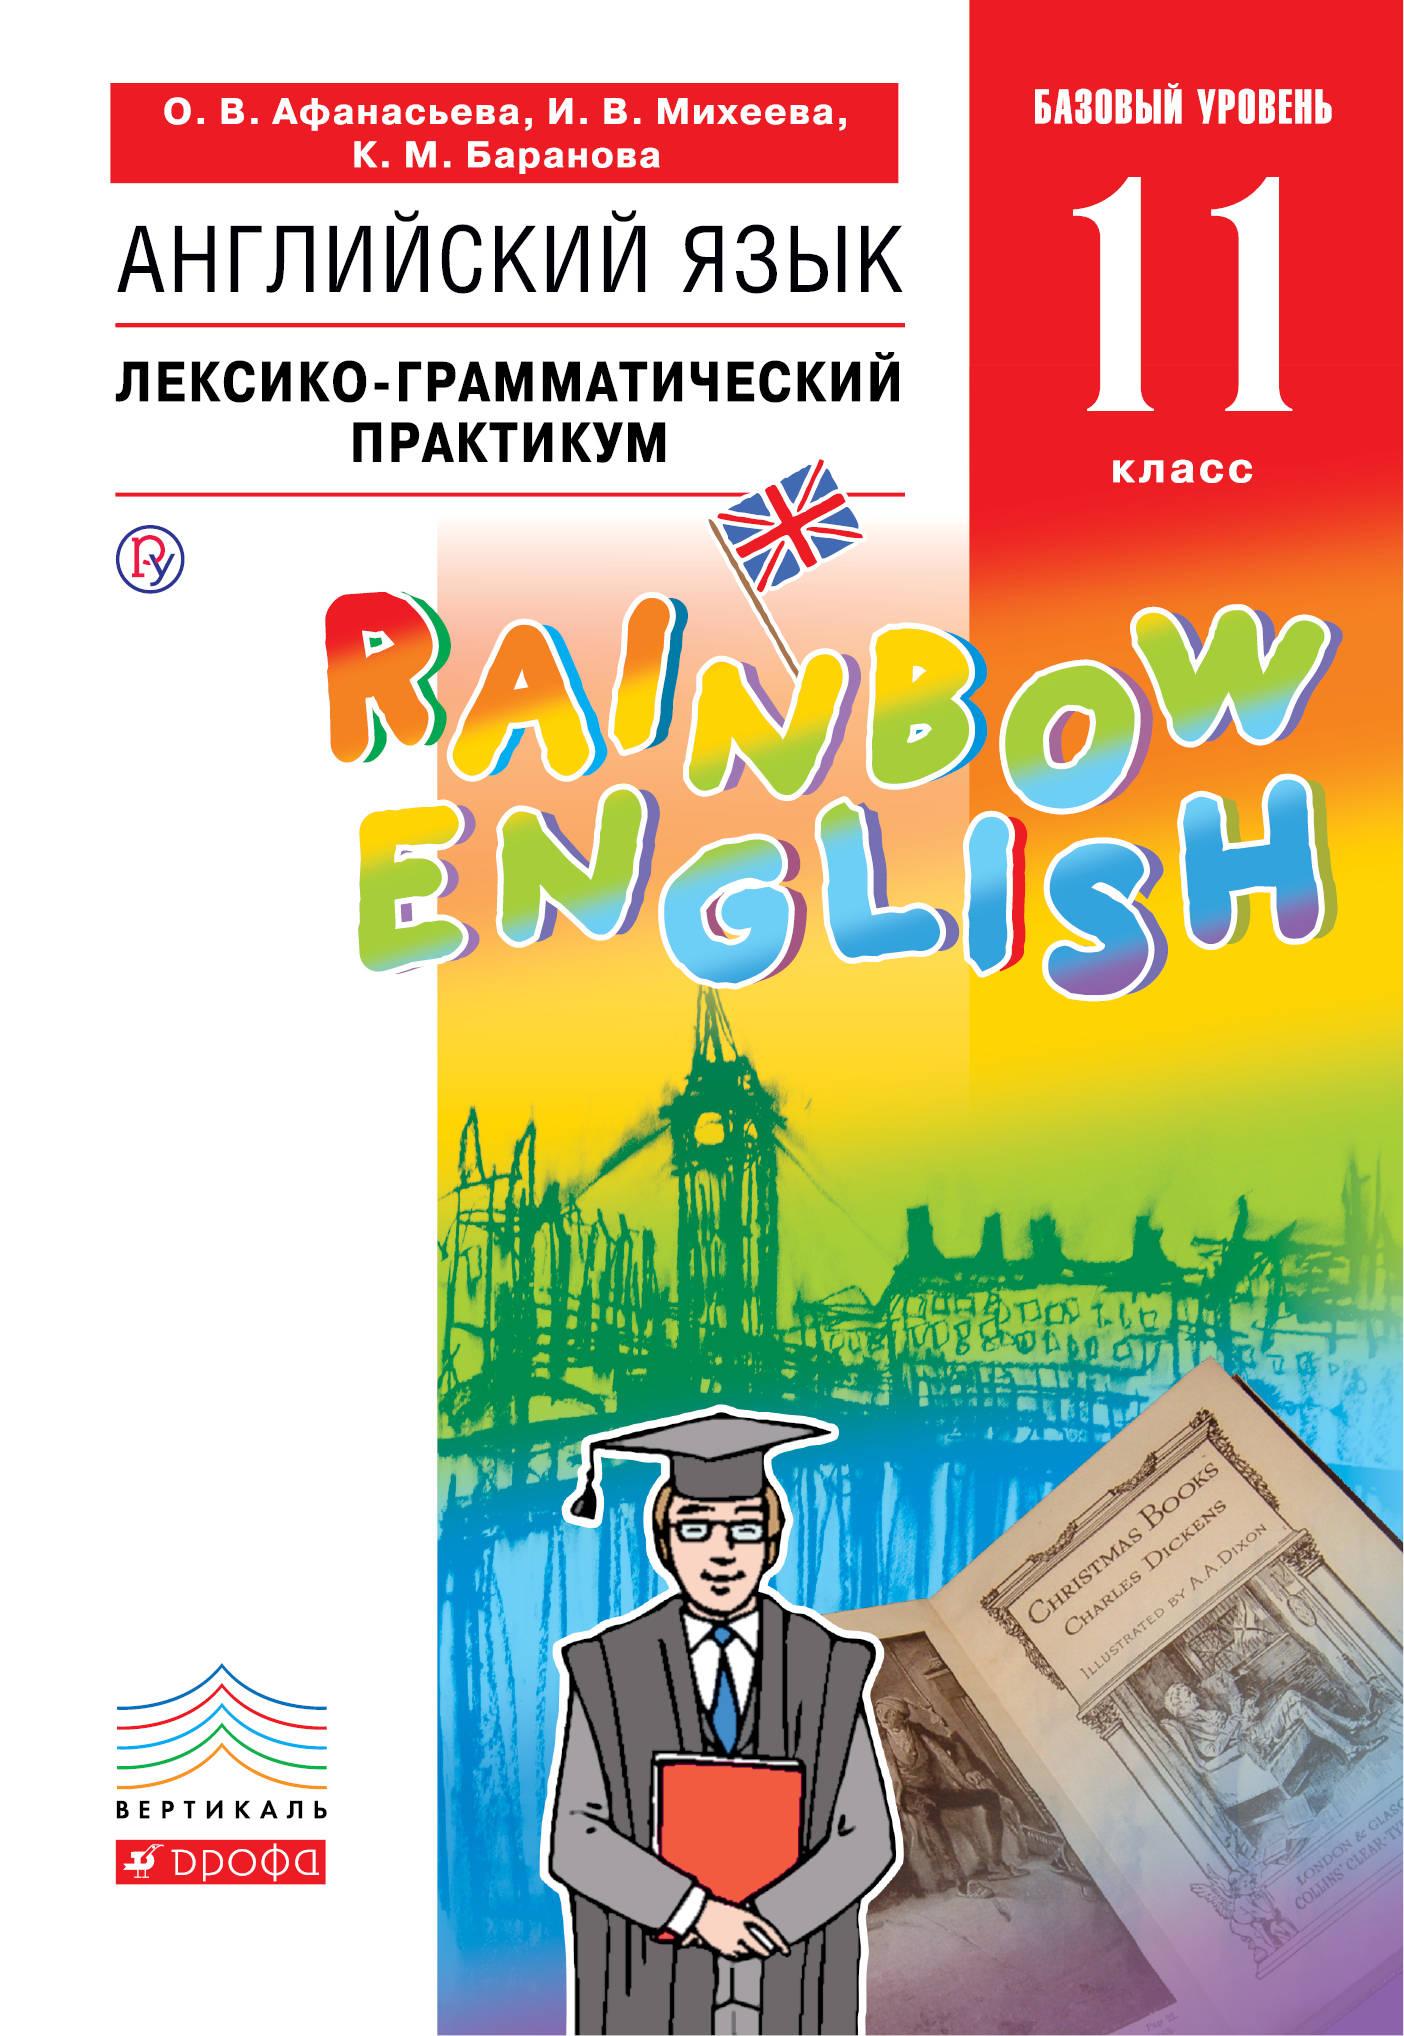 О. В. Афанасьева, И. В. Михеева, К. М. Баранова Английский язык. Базовый уровень. 11 класс. Лексико-грамматический практикум